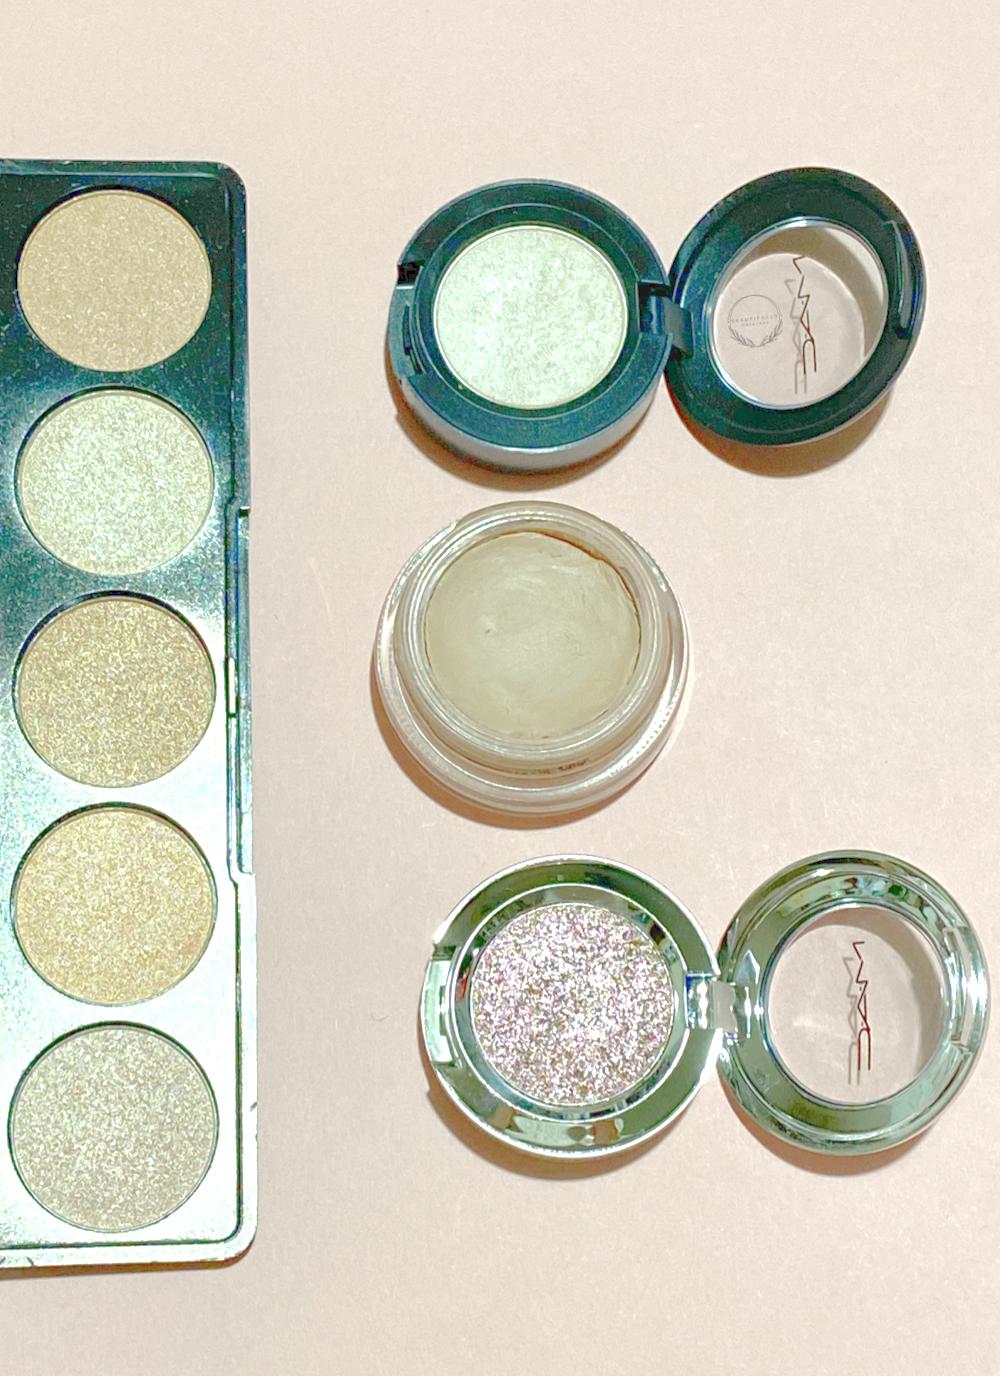 a selection of light spring colour eyeshadows on a peach back ground  beautifullyoriginal.com